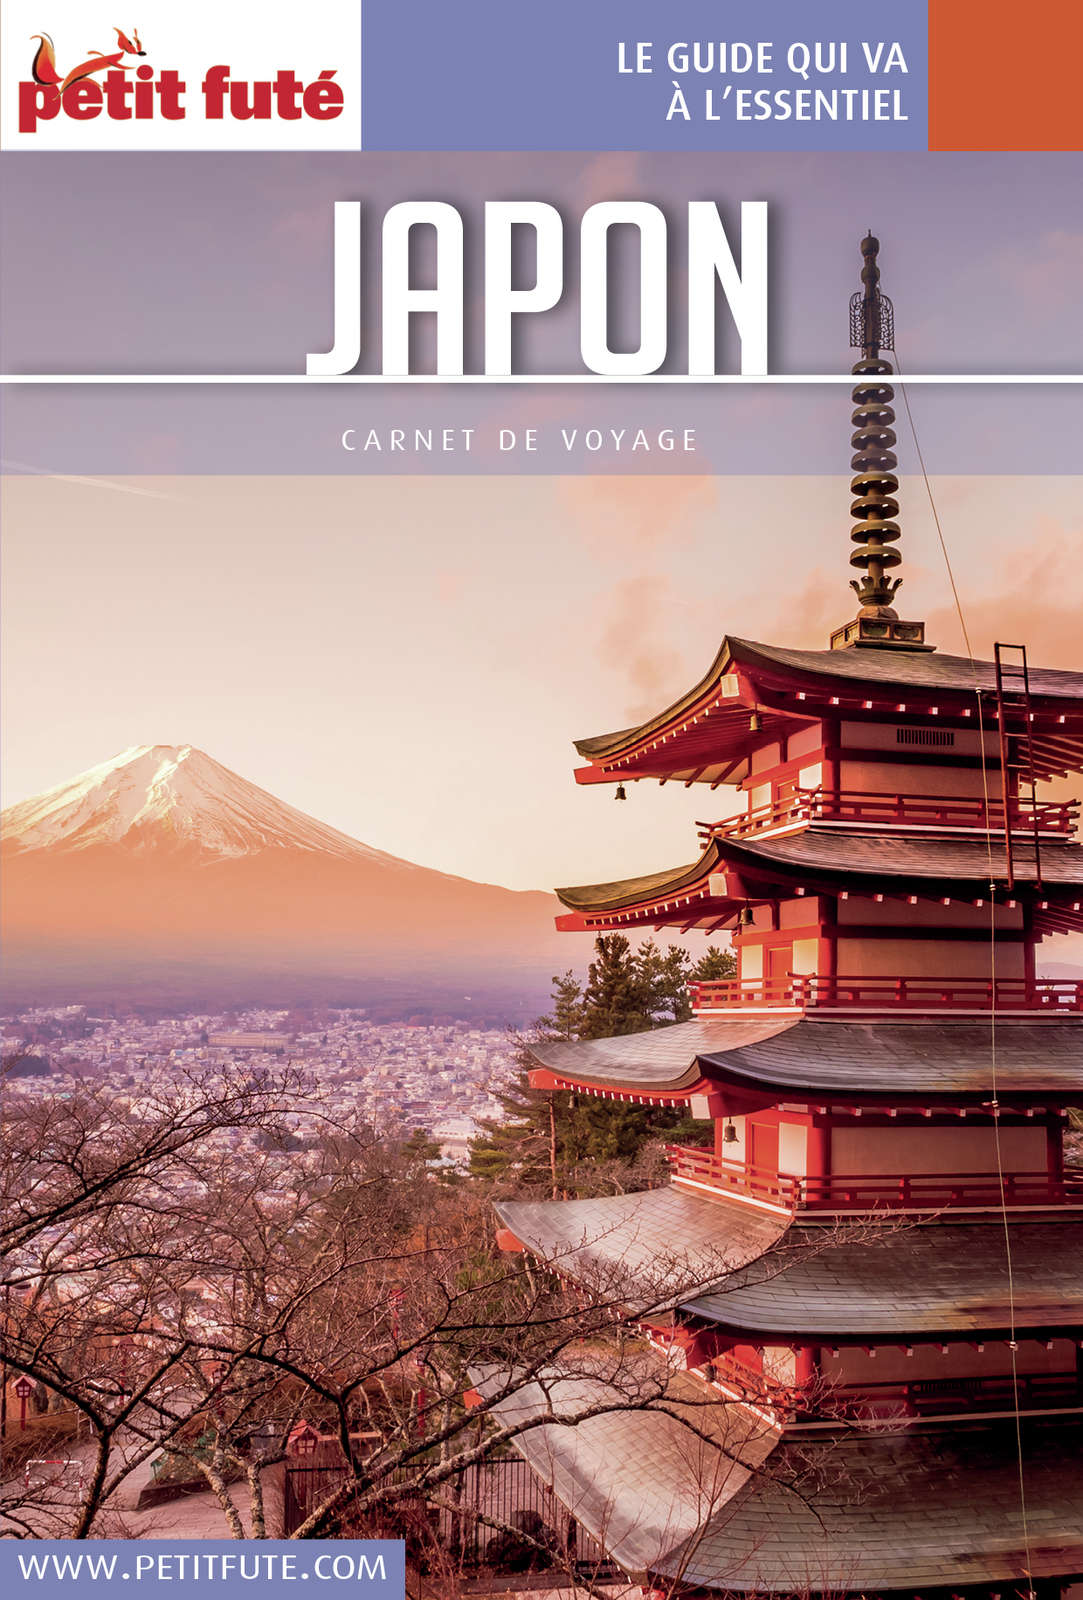 Carnet de voyage - Japon 2016